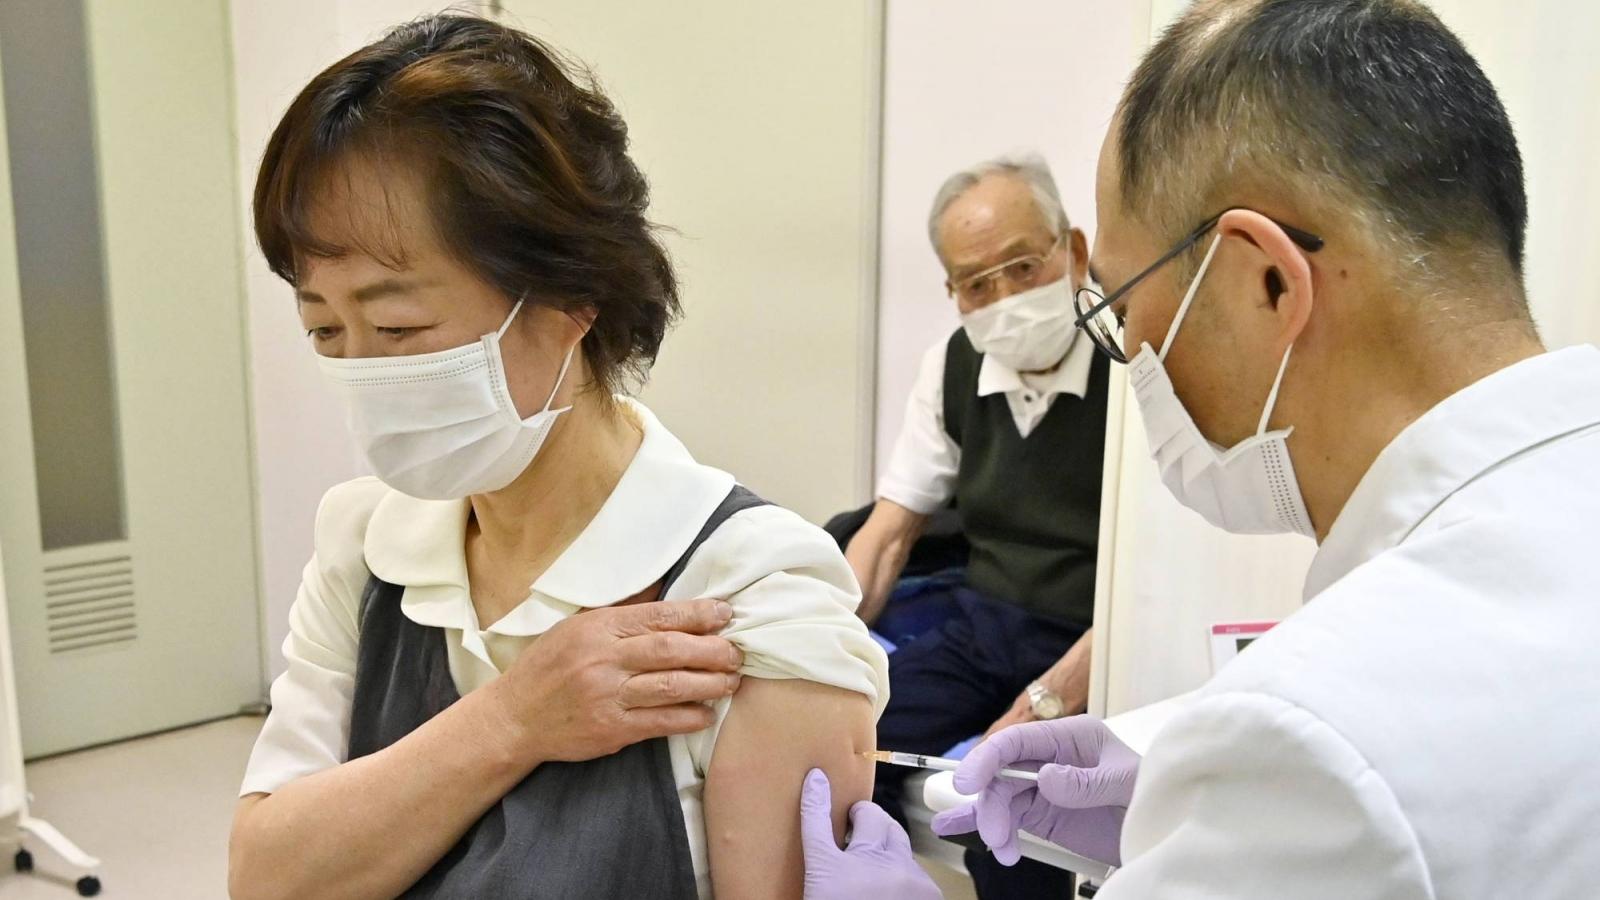 Nhật Bản bắt đầu chiến dịch tiêm vaccine Covid-19 cho người cao tuổi